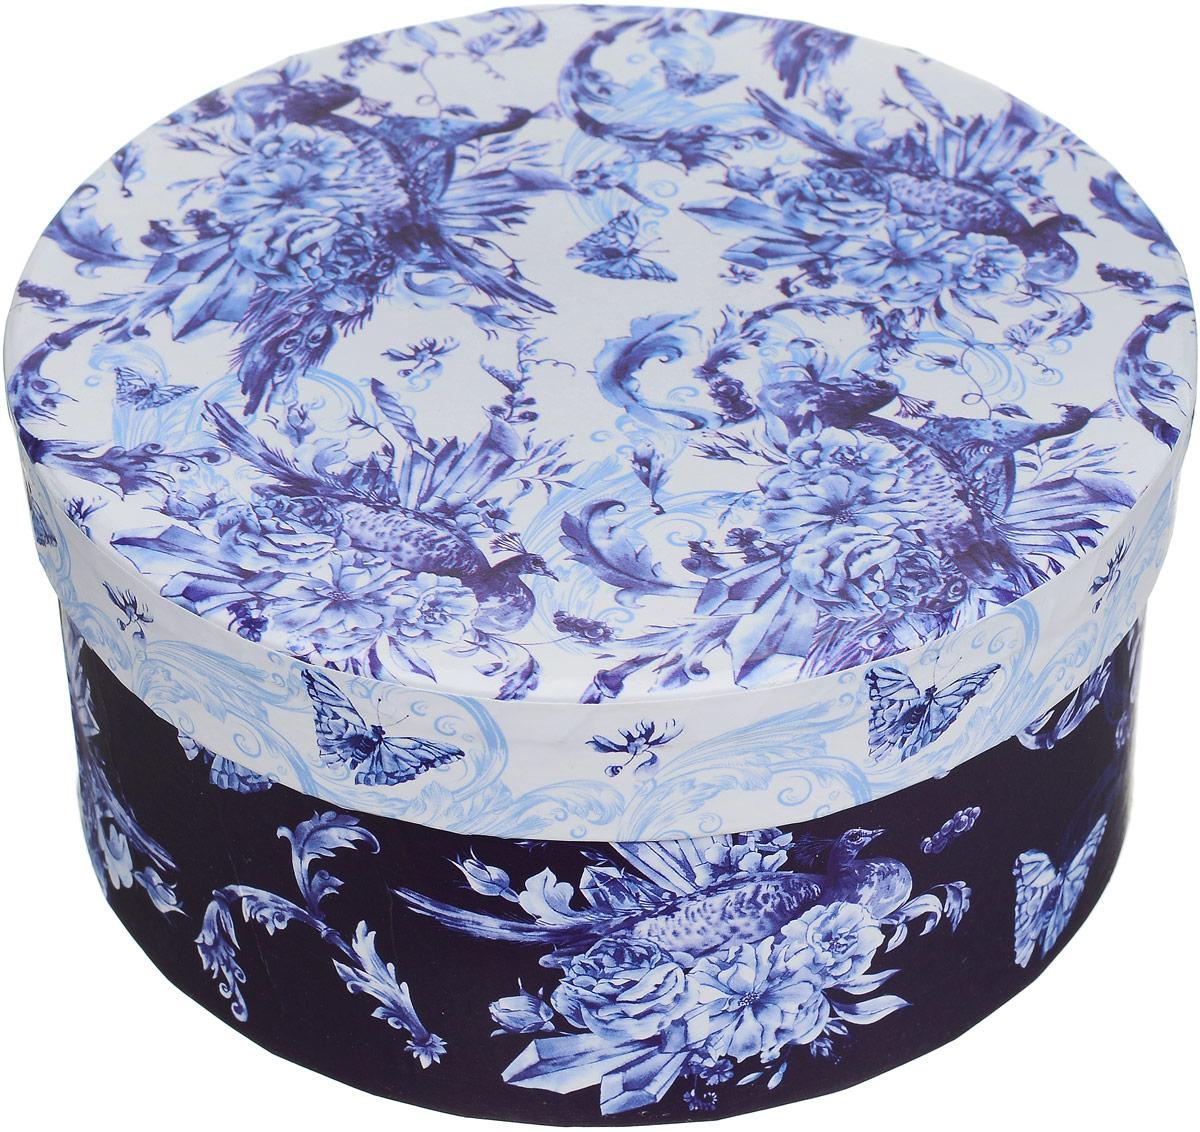 Коробка подарочная Magic Home Голубые цветы, круглая, 14 х 14 х 7 см09840-20.000.00Подарочная коробка Magic Home Голубые цветы выполнена из мелованного ламинированного картона. Коробочка оформлена оригинальным рисунком. Изделие имеет круглую форму и закрывается крышкой. Подарочная коробка - это наилучшее решение, если вы хотите порадовать близких людей и создать праздничное настроение, ведь подарок, преподнесенный в оригинальной упаковке, всегда будет самым эффектным и запоминающимся. Окружите близких людей вниманием и заботой, вручив презент в нарядном, праздничном оформлении.Плотность картона: 1100 г/м2.